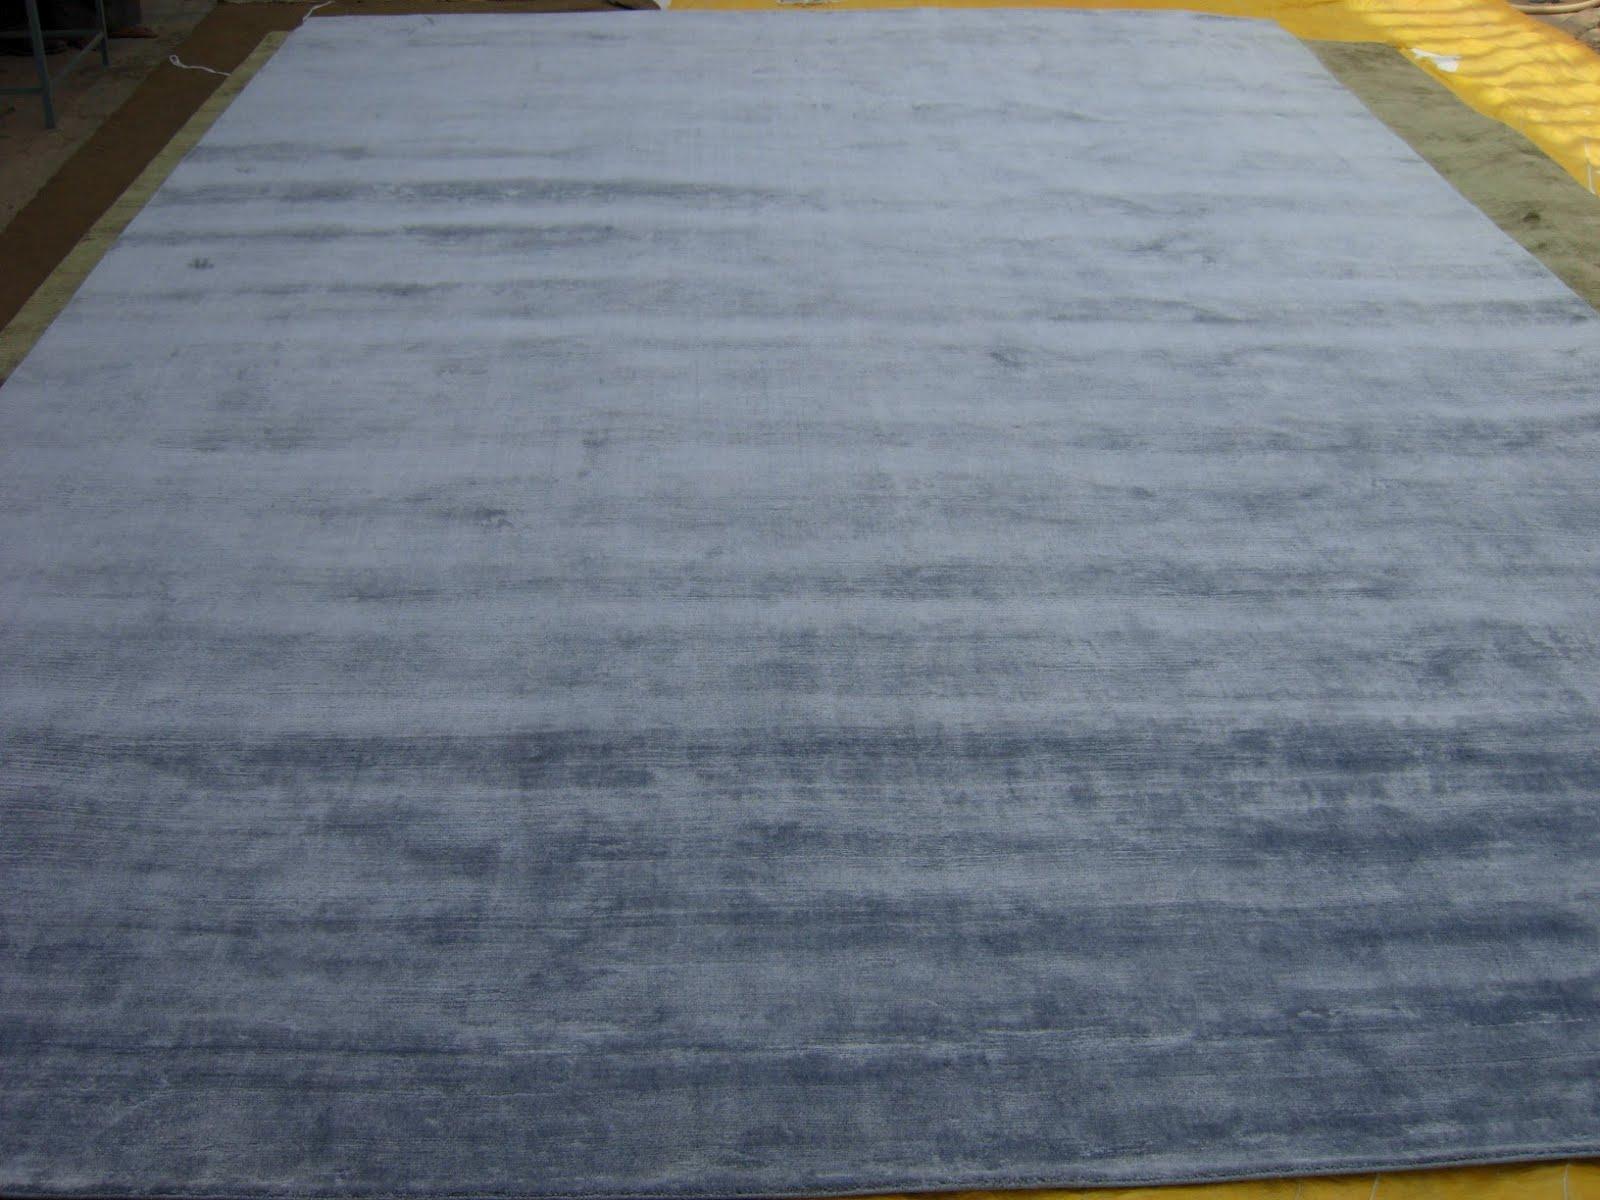 Alfombras de fabricantes fabricantes de alfombras - Alfombras de canamo ...